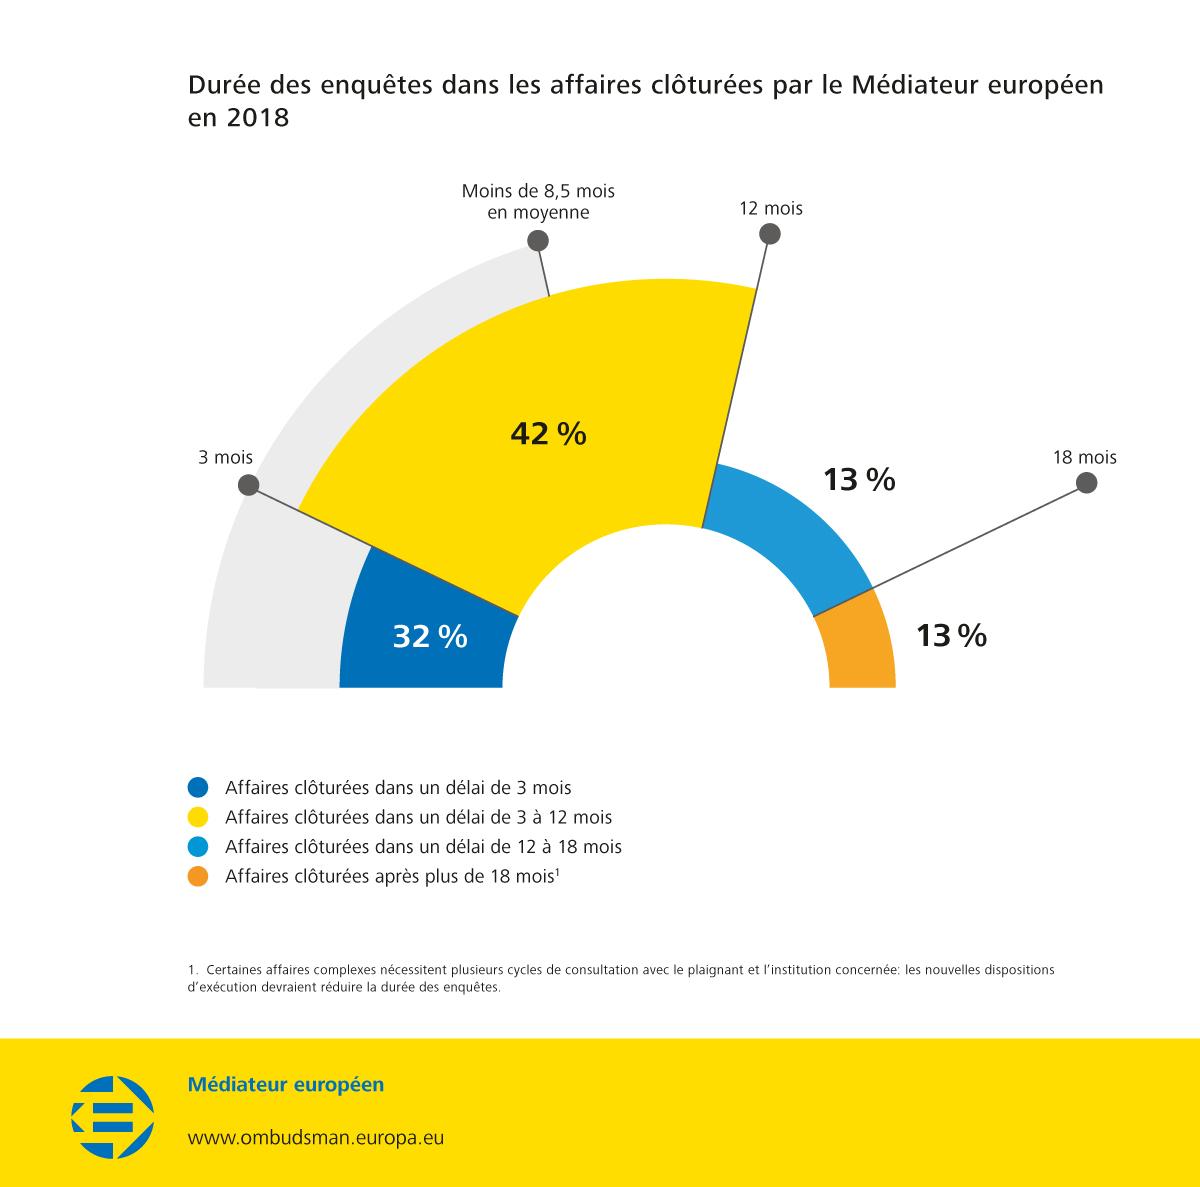 Durée des enquêtes dans les affaires clôturées par le Médiateur européen en 2018